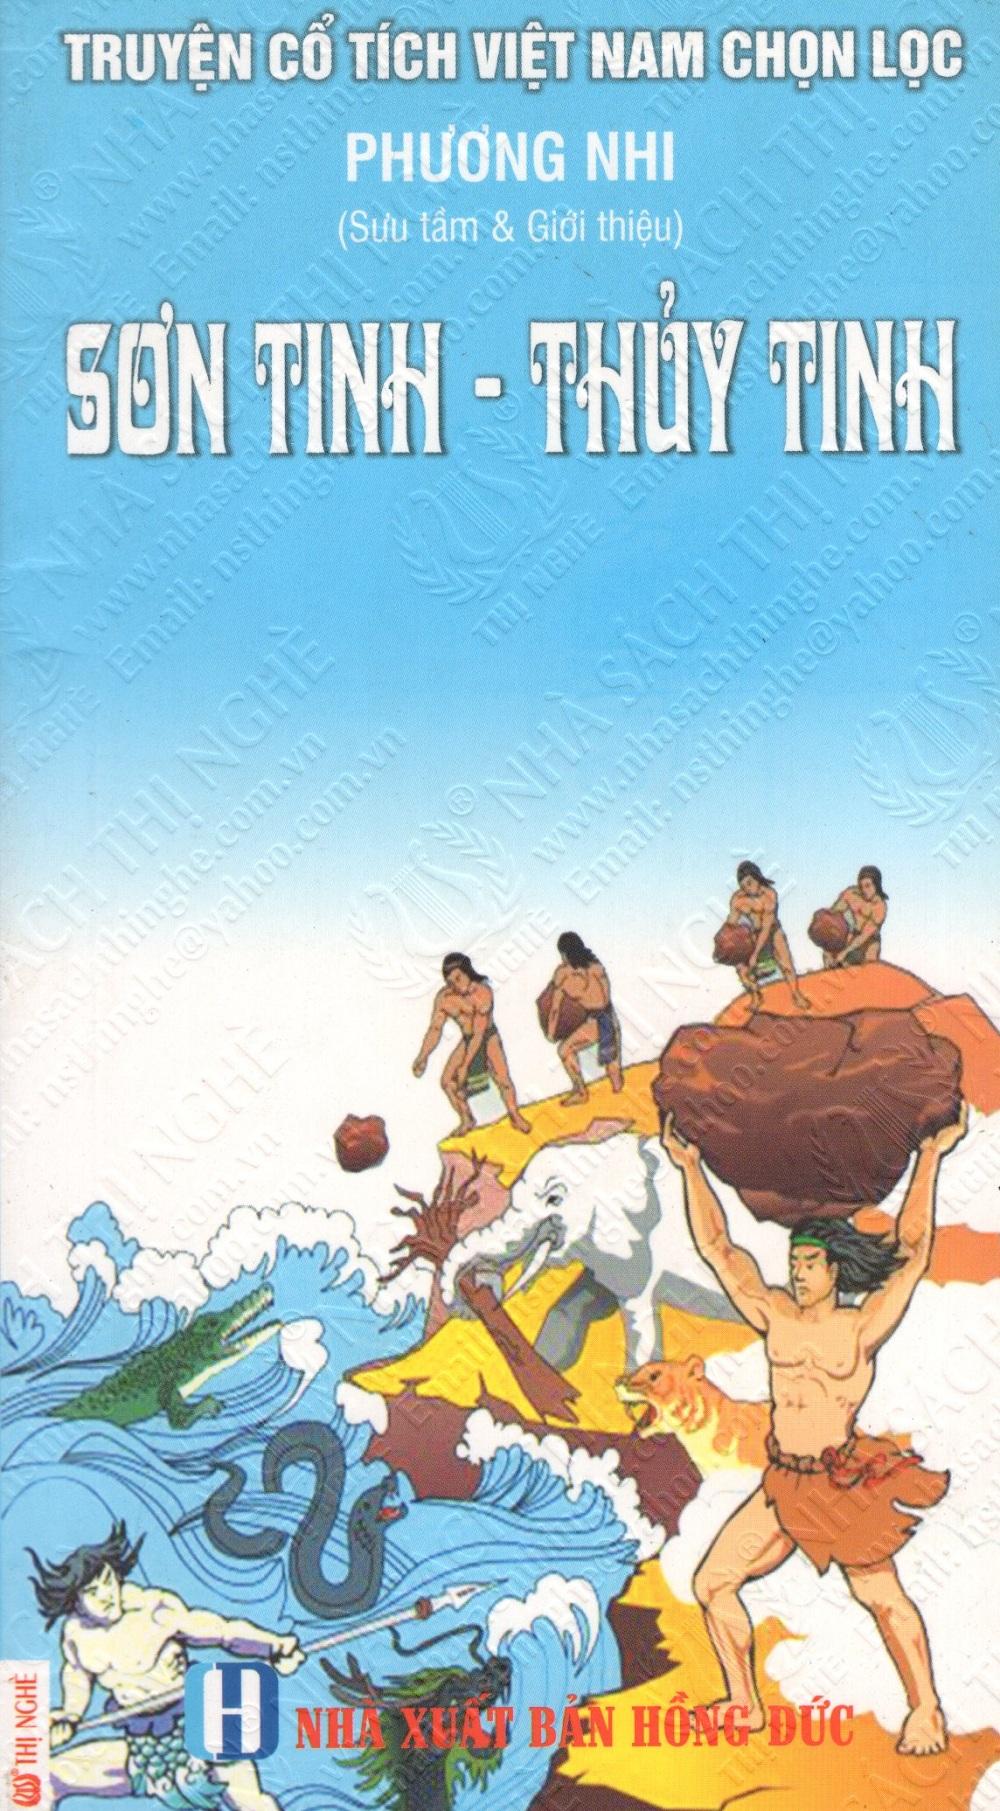 Bìa sách Truyện Cổ Tích Việt Nam Chọn Lọc: Sơn Tinh - Thủy Tinh